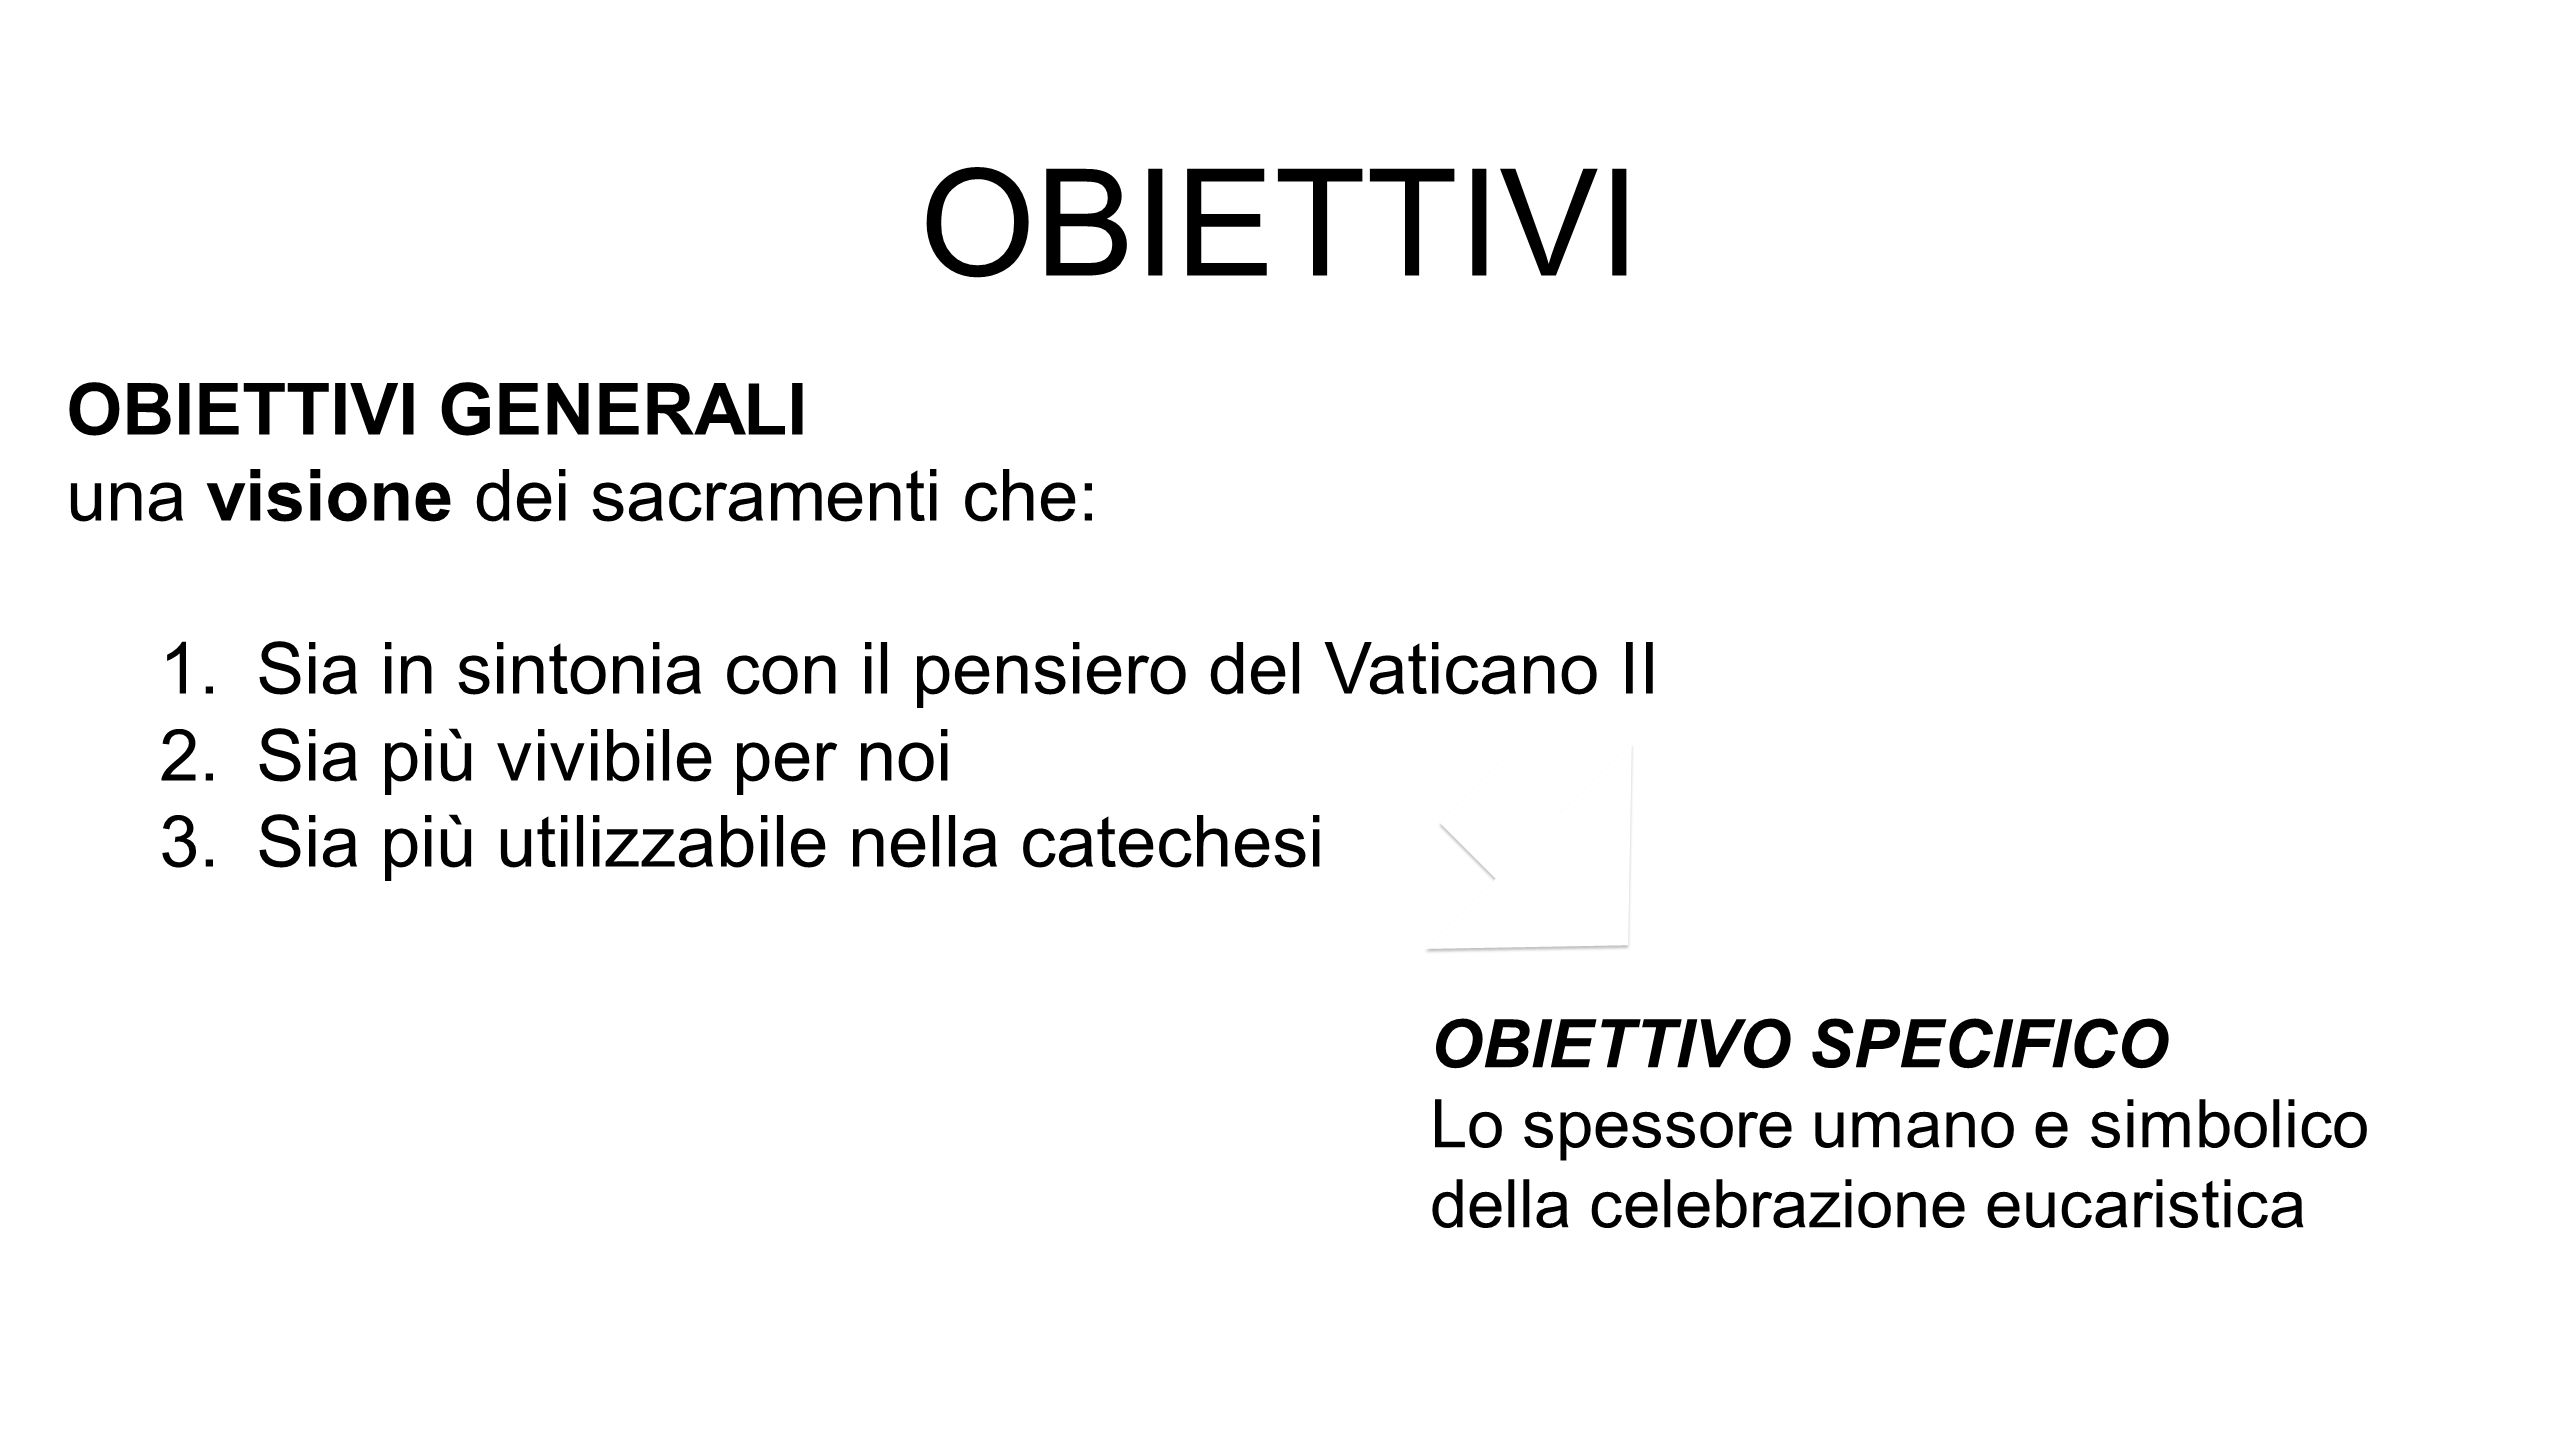 OBIETTIVI OBIETTIVI GENERALI una visione dei sacramenti che: 1.Sia in sintonia con il pensiero del Vaticano II 2.Sia più vivibile per noi 3.Sia più ut